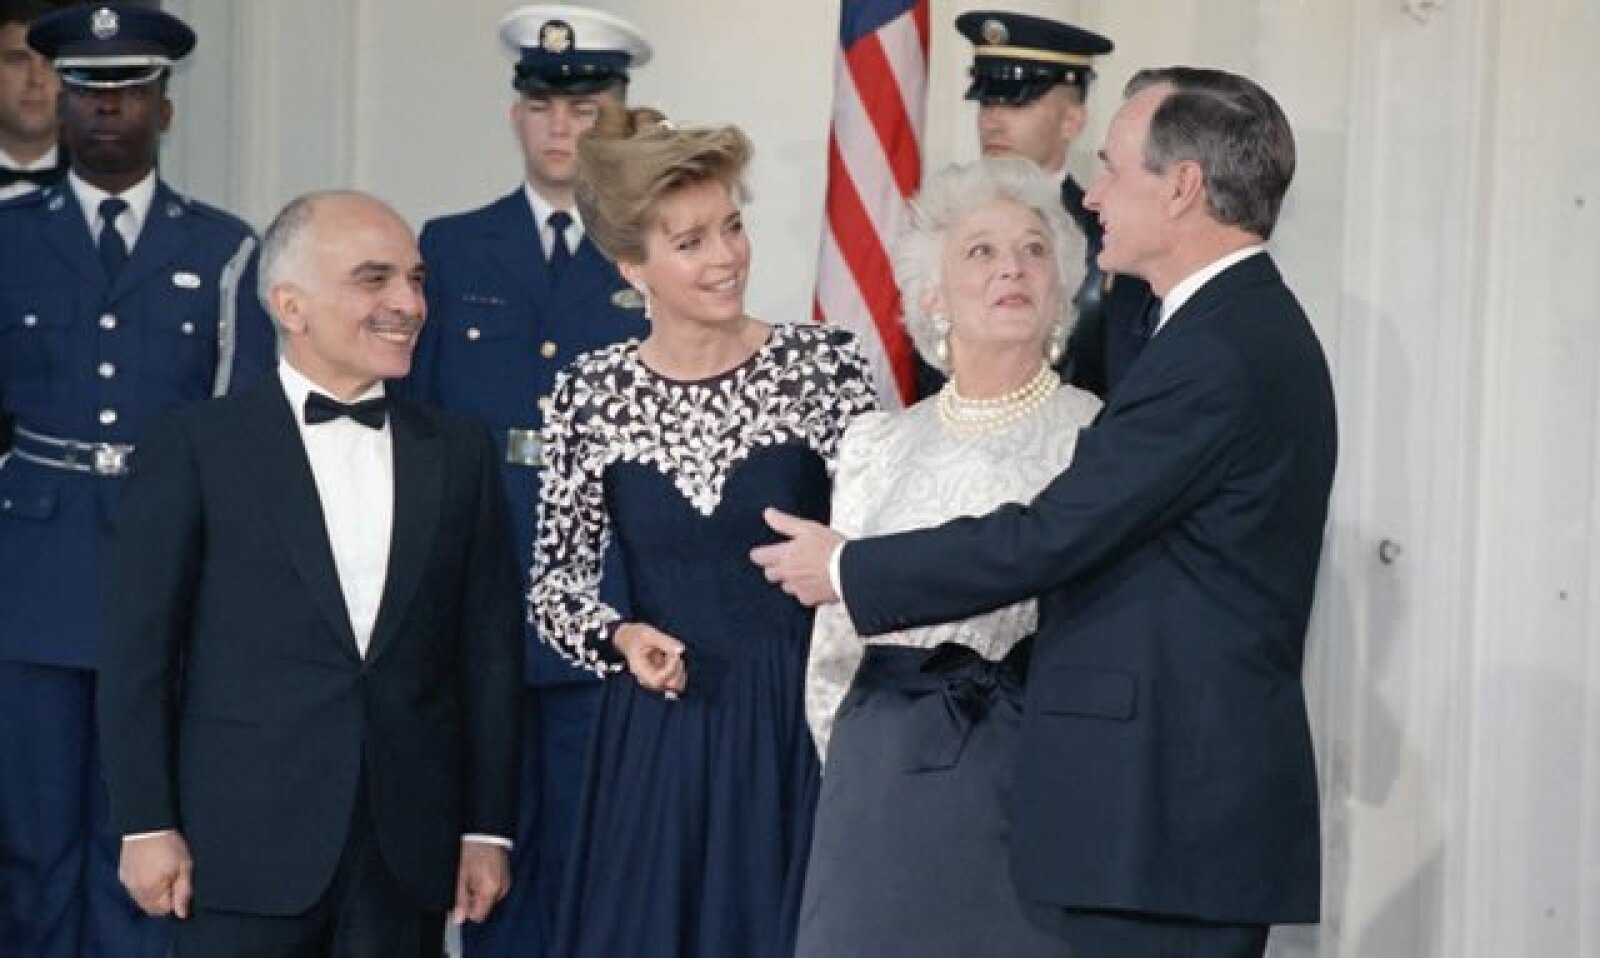 El presidente George H.W. Bush y la primera dama, Barbara Bush, recibieron en 1989 a los reyes de Jordania, Hussein y Noor, en la Casa Blanca, en donde realizaron una cena en su honor.